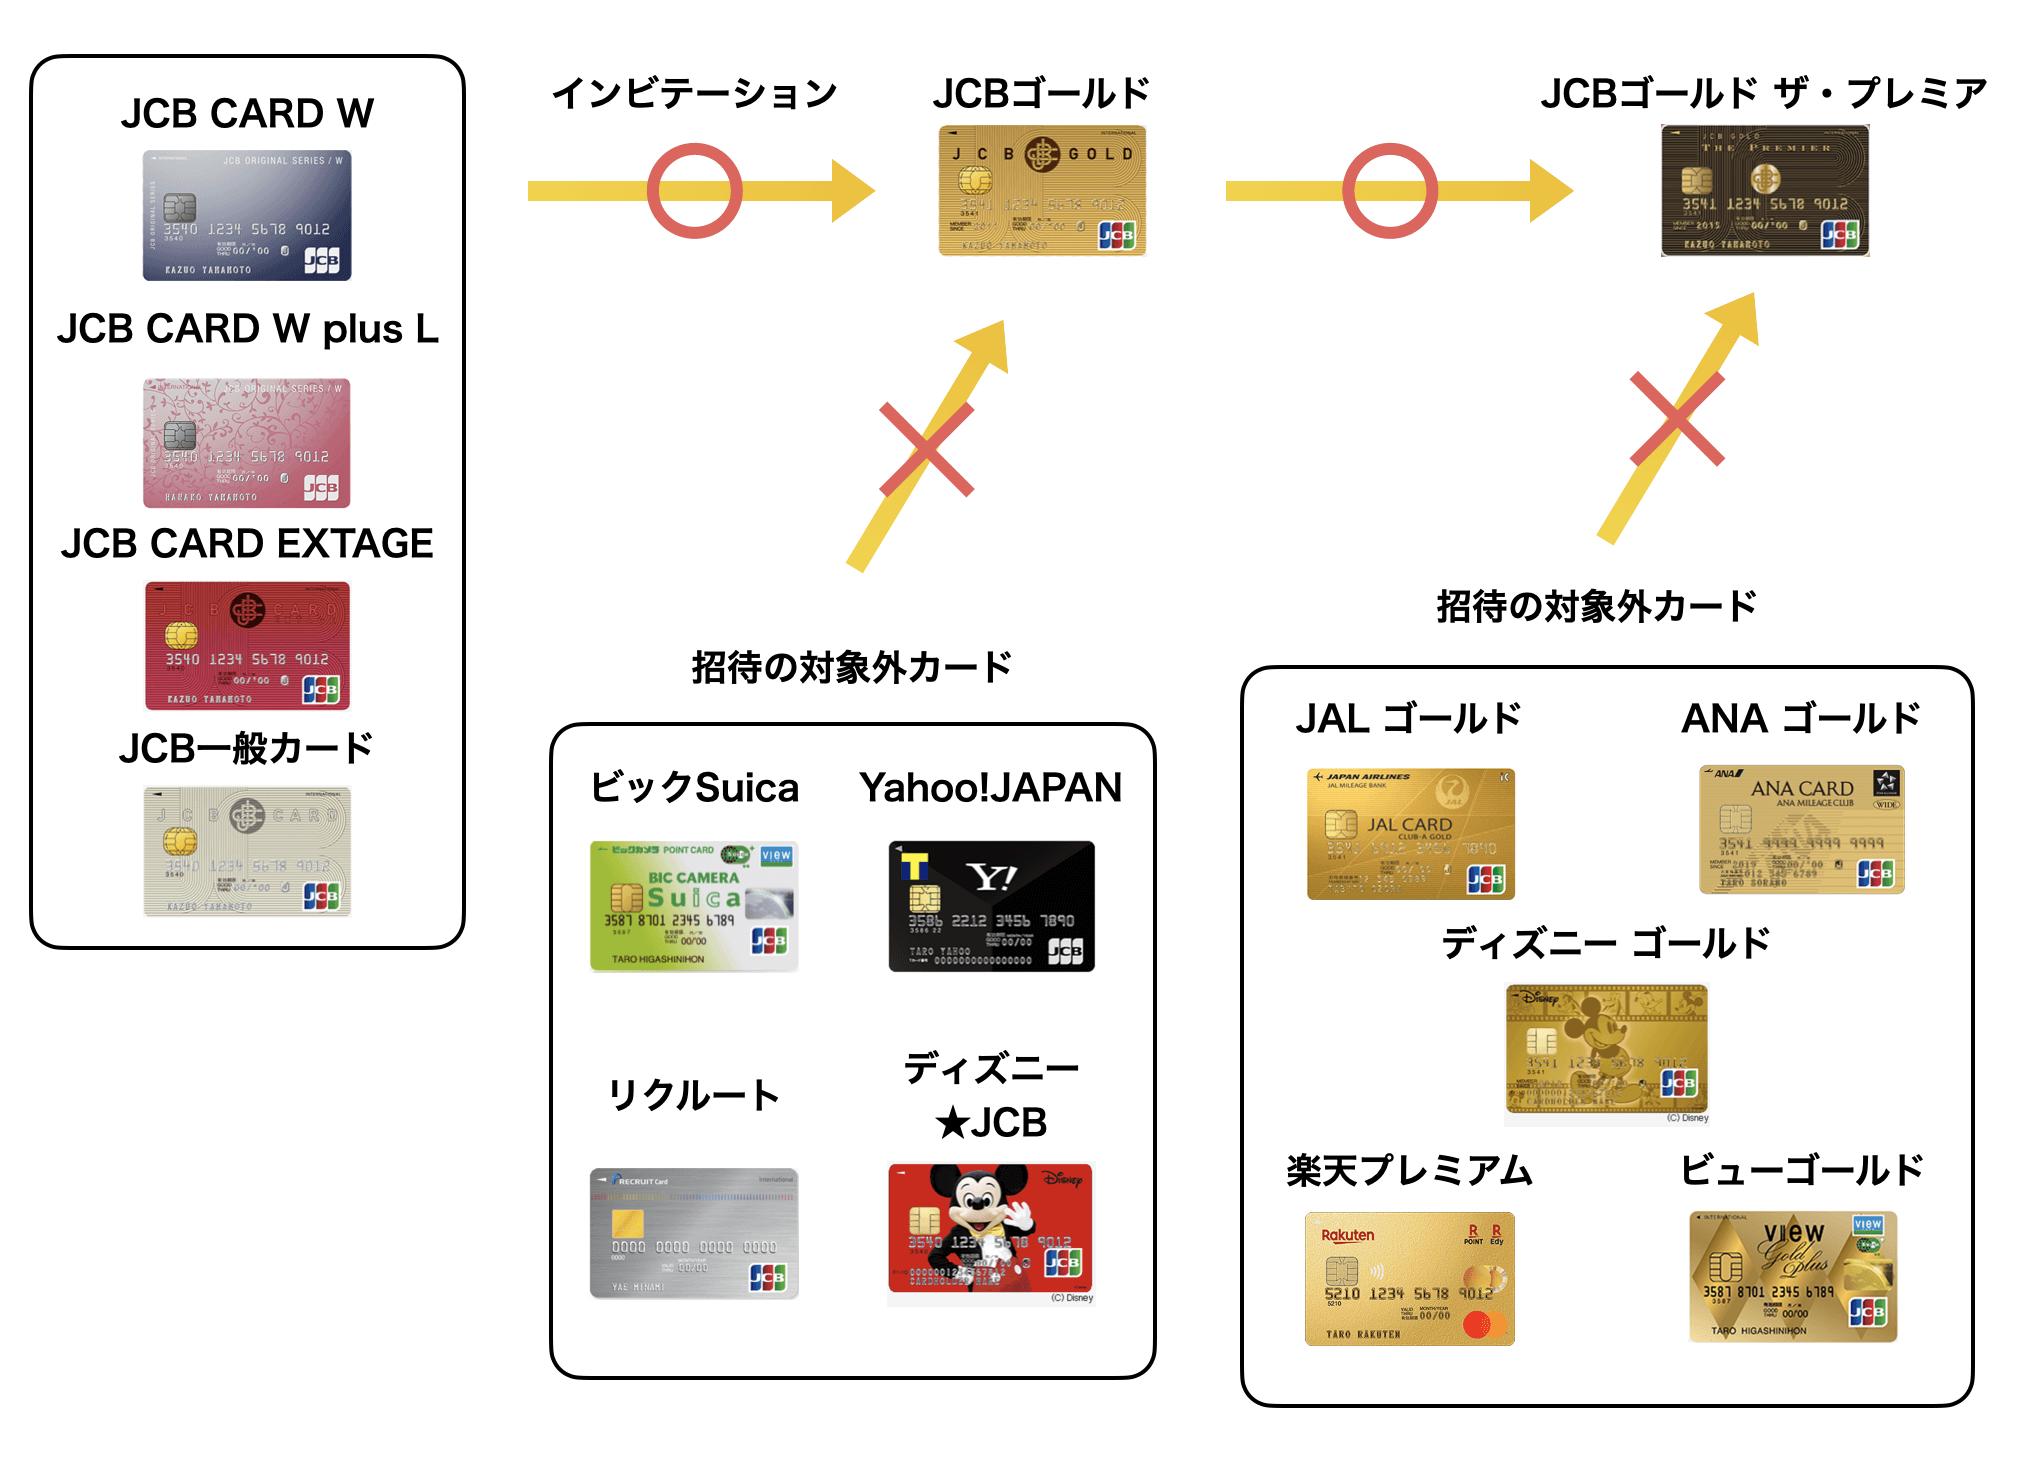 ゴールド インビテーション 楽天 カード